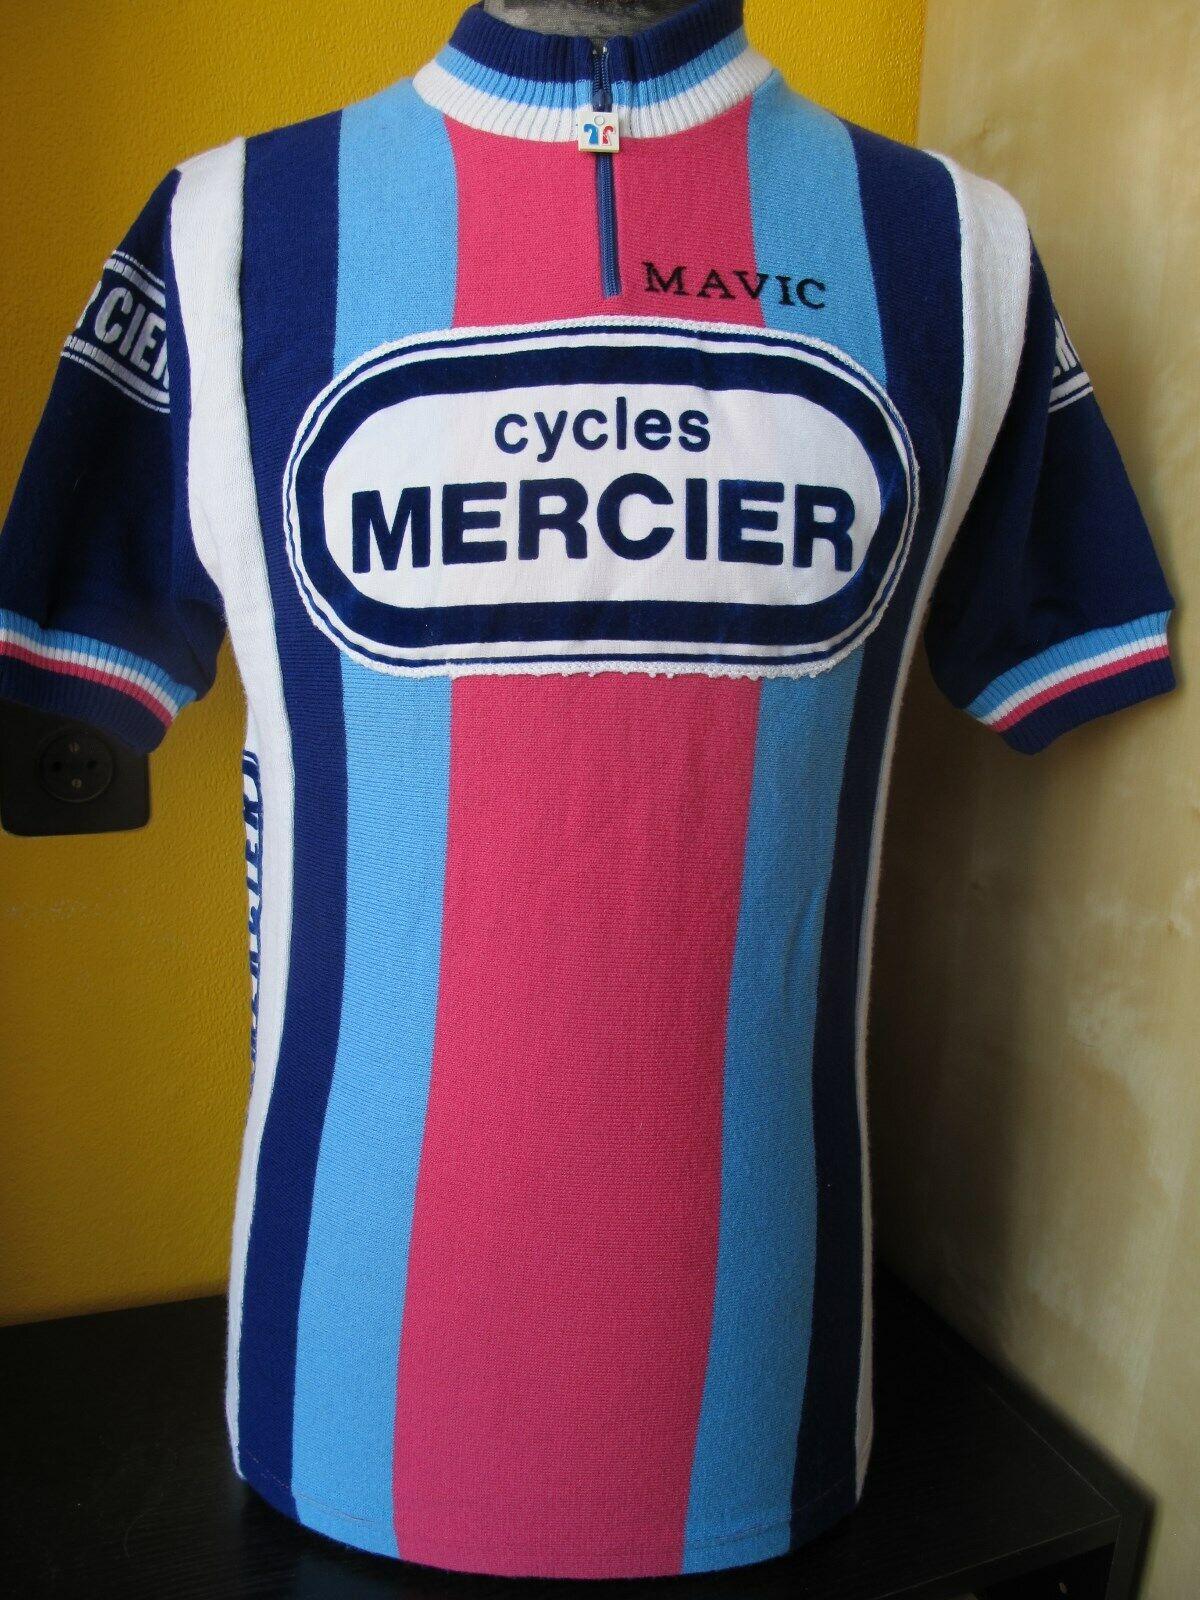 MERCIER MAVIC MIKO Cycling Jersey GENUINE VINTAGE Size 3 - MEDIUM